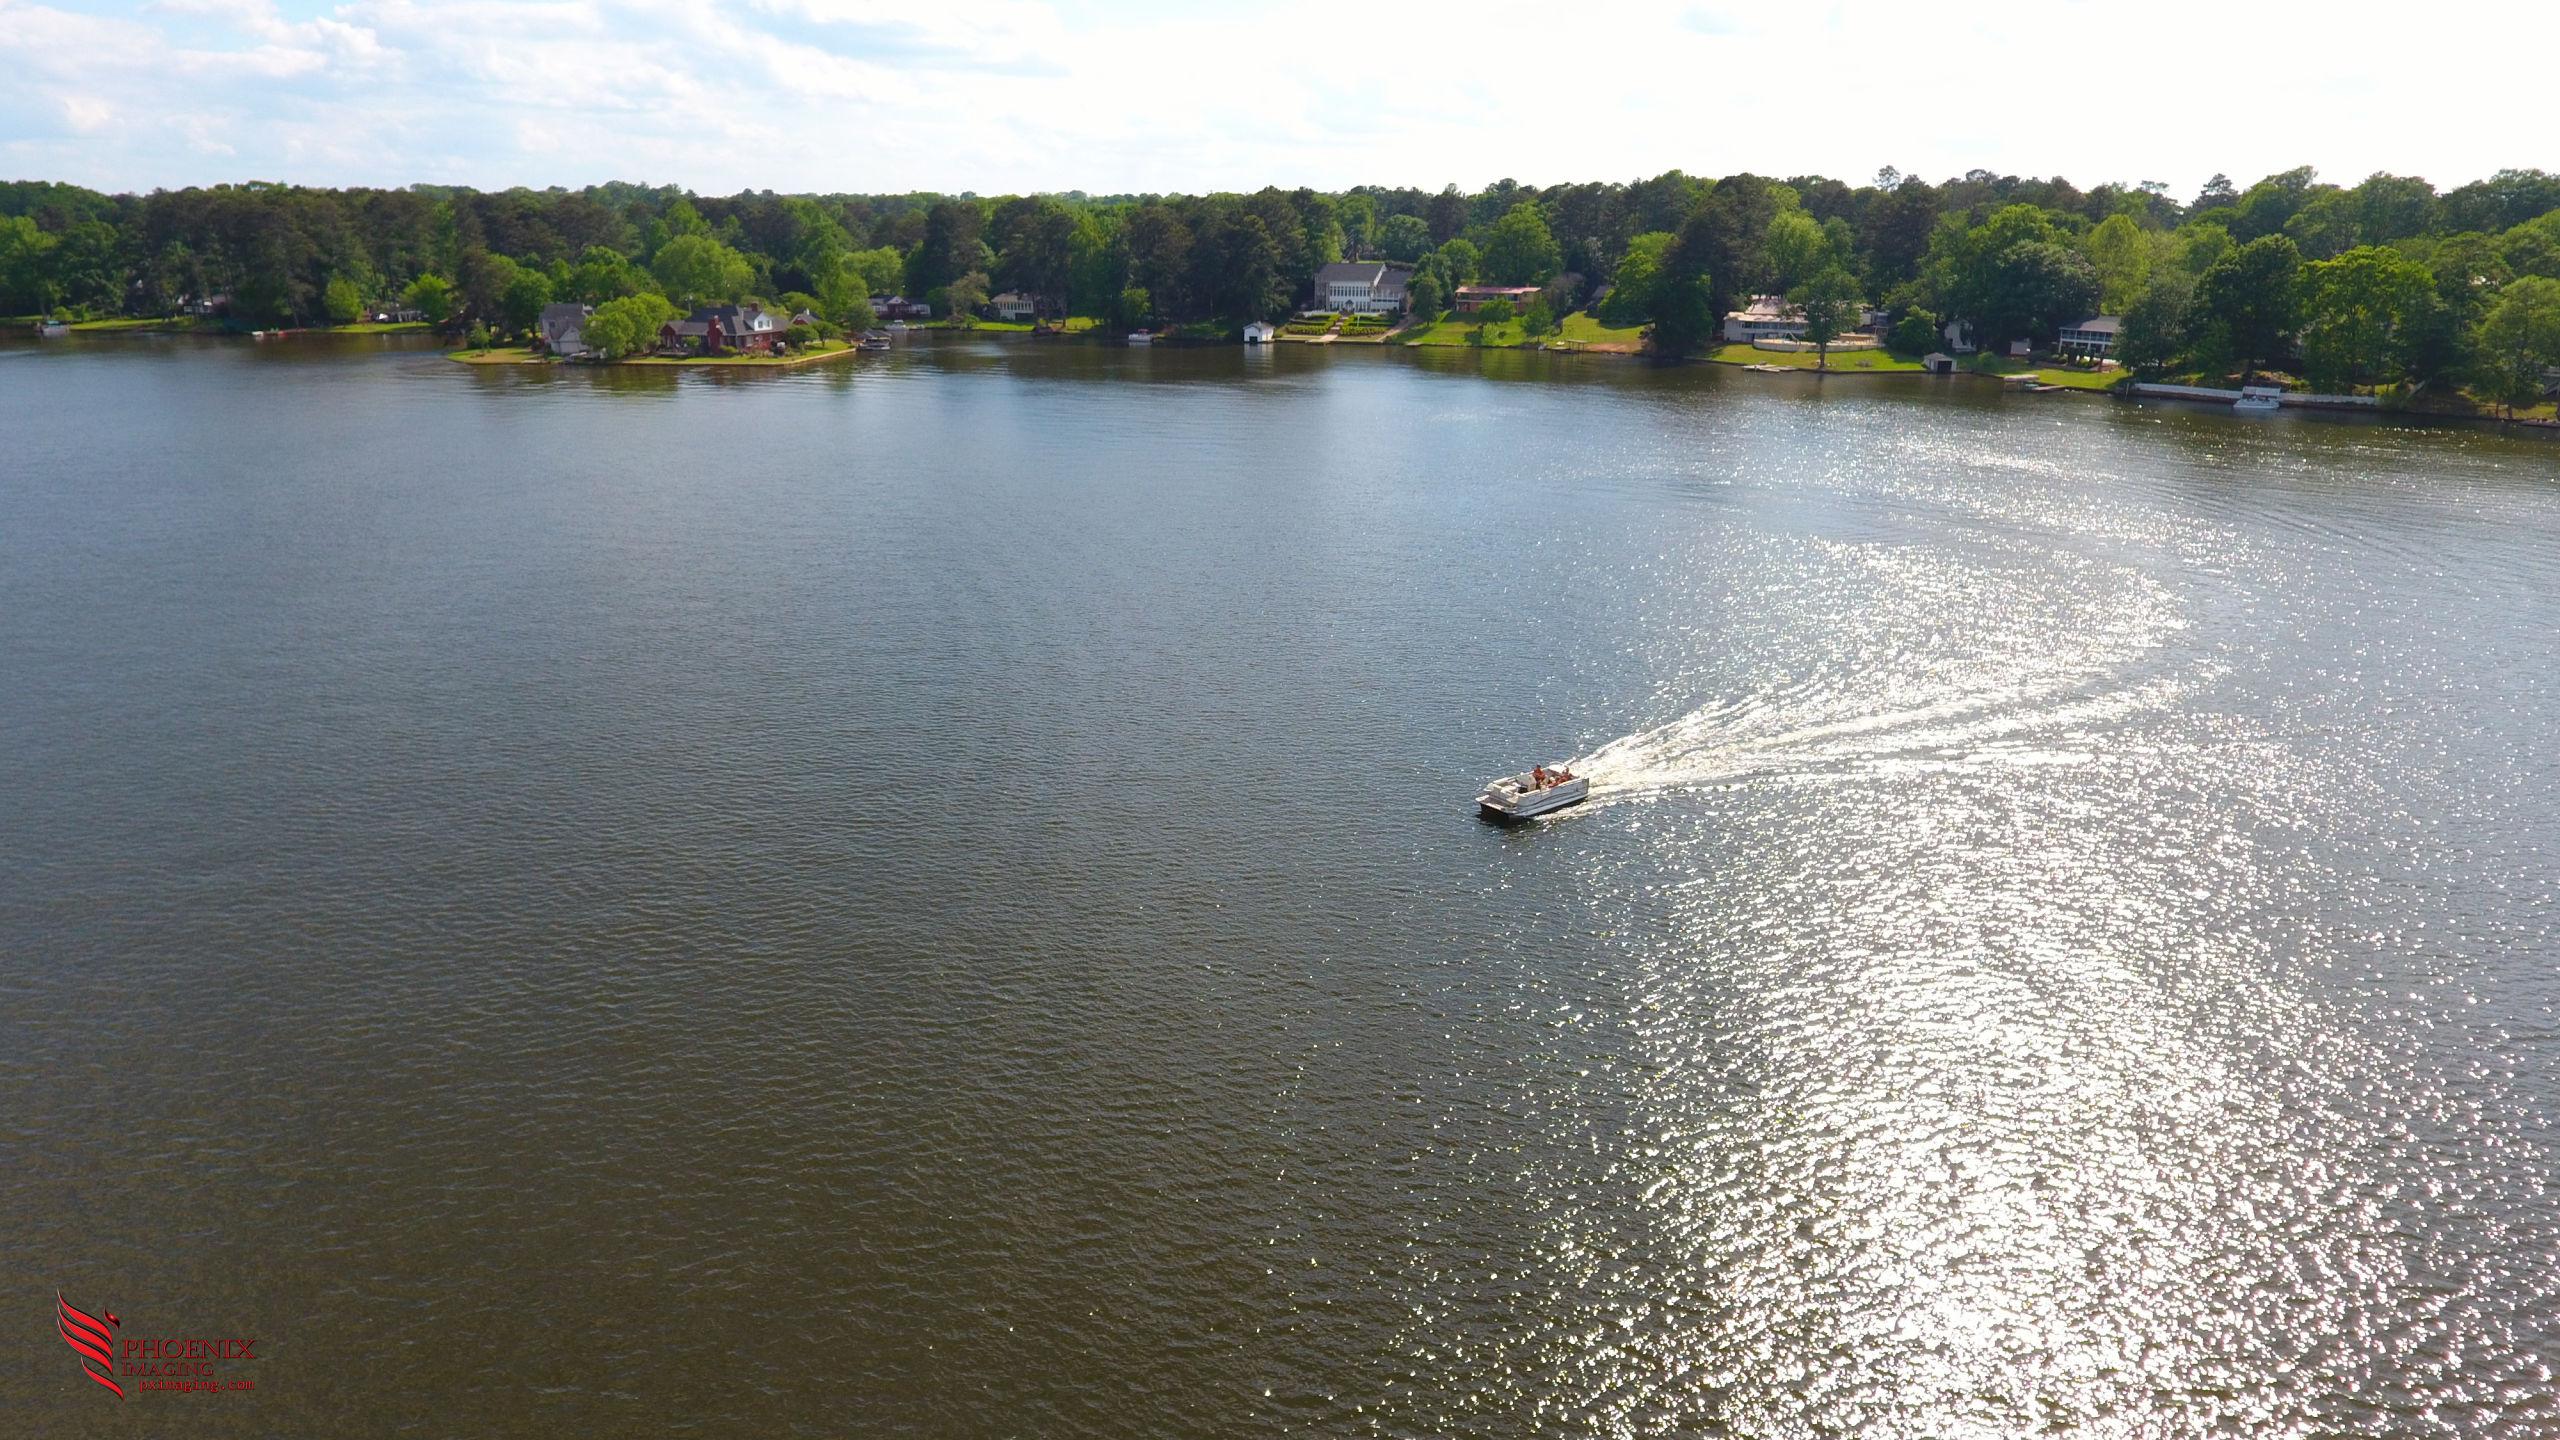 Outdoors on the lake in Carrollton, Georgia